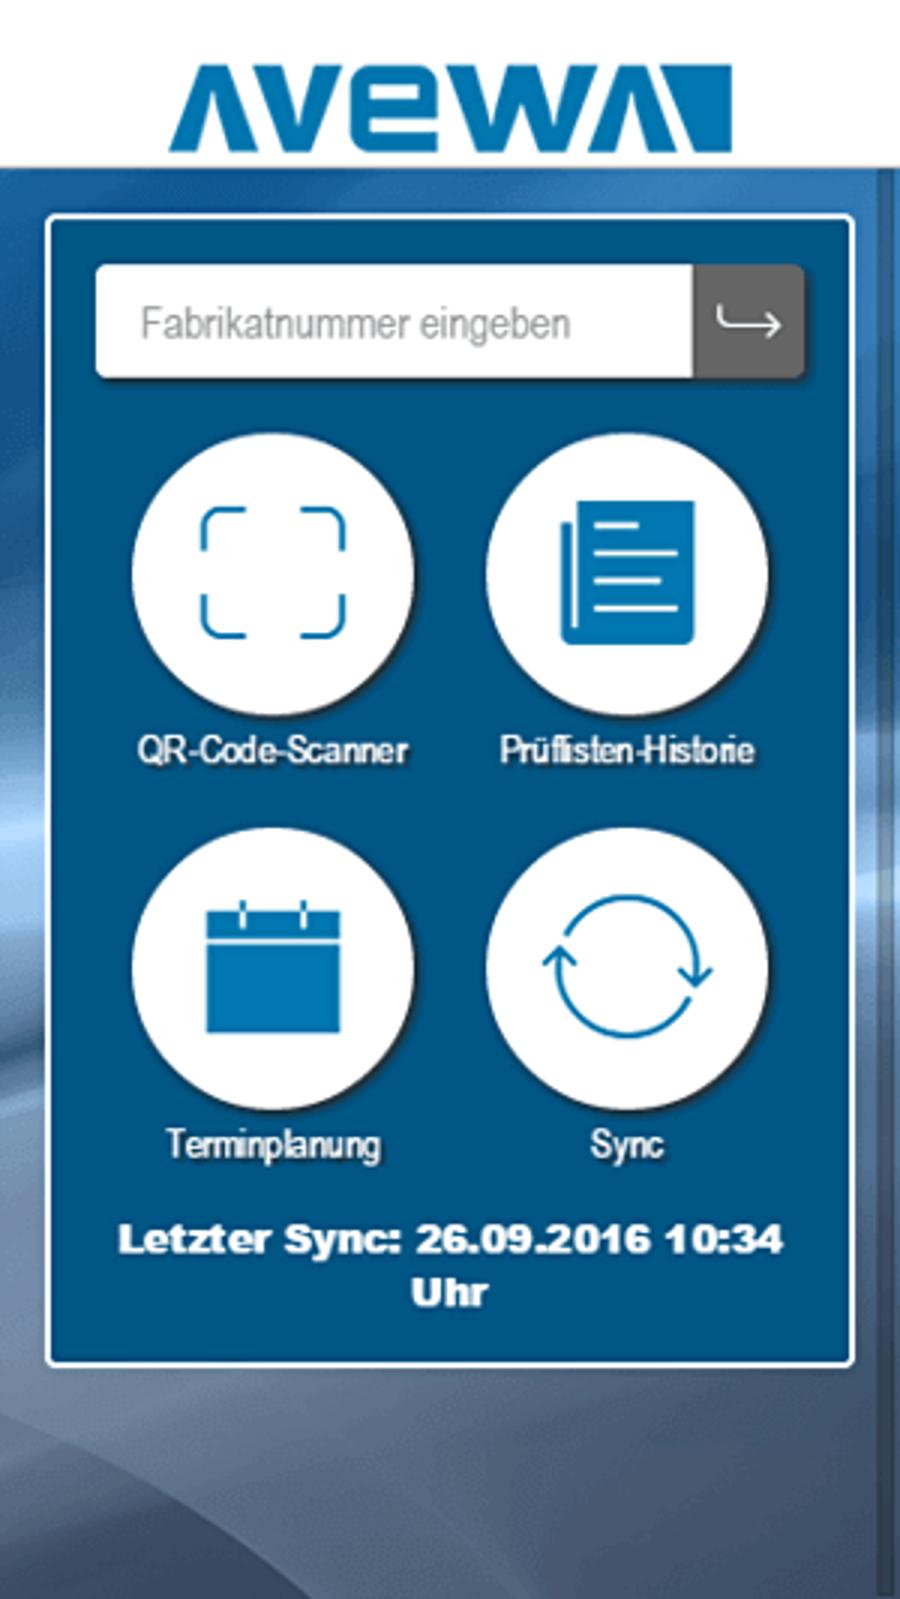 App zur Wartung von Aufzügen in neuer Version